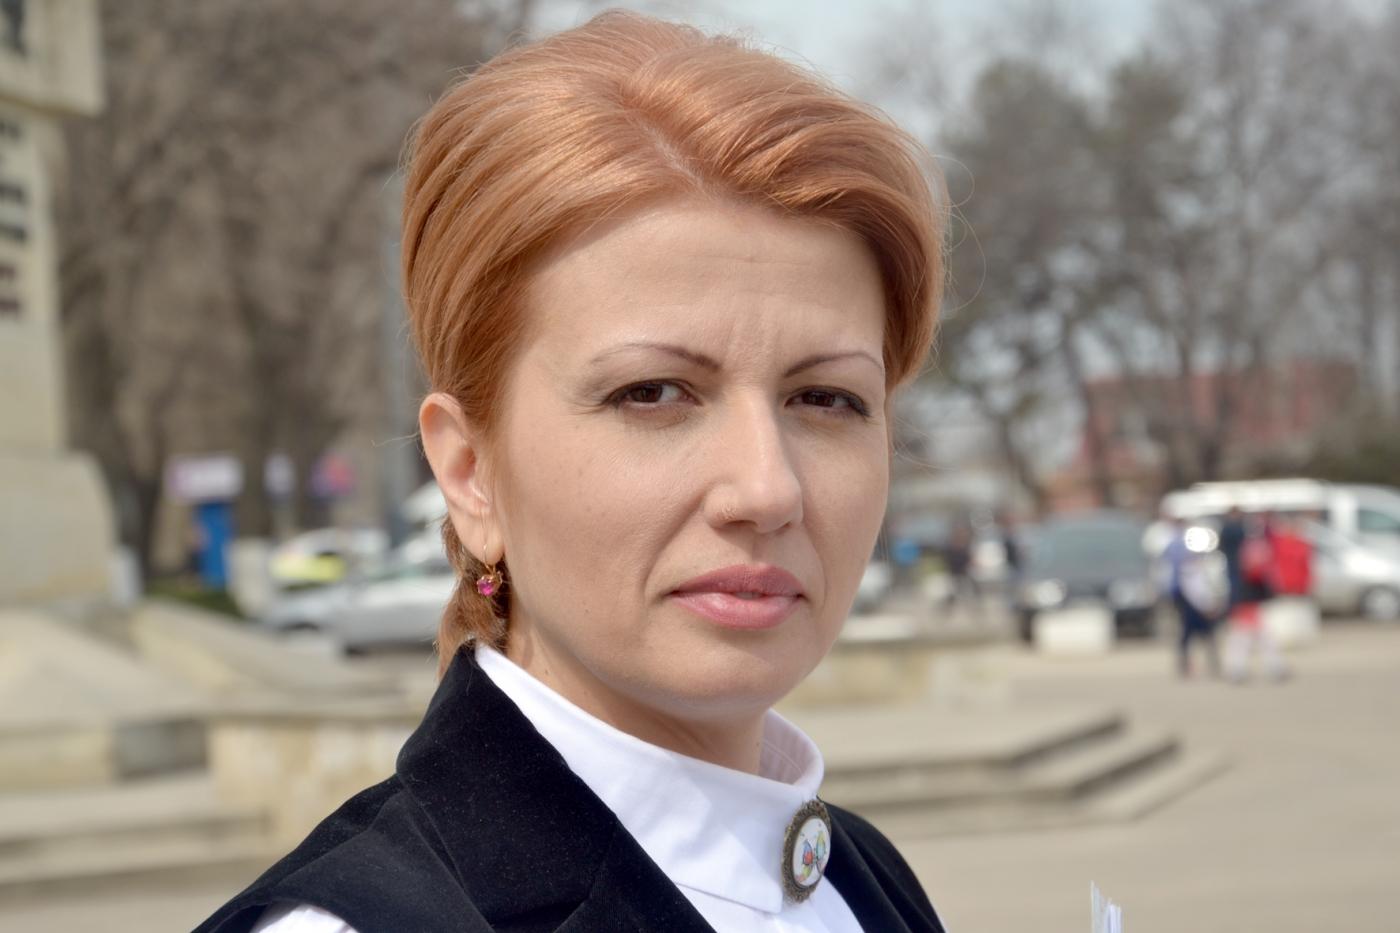 Interviu // Arina Spătaru: Omenii habar n-au de referendum și nu știu în care circumscripție vor vota